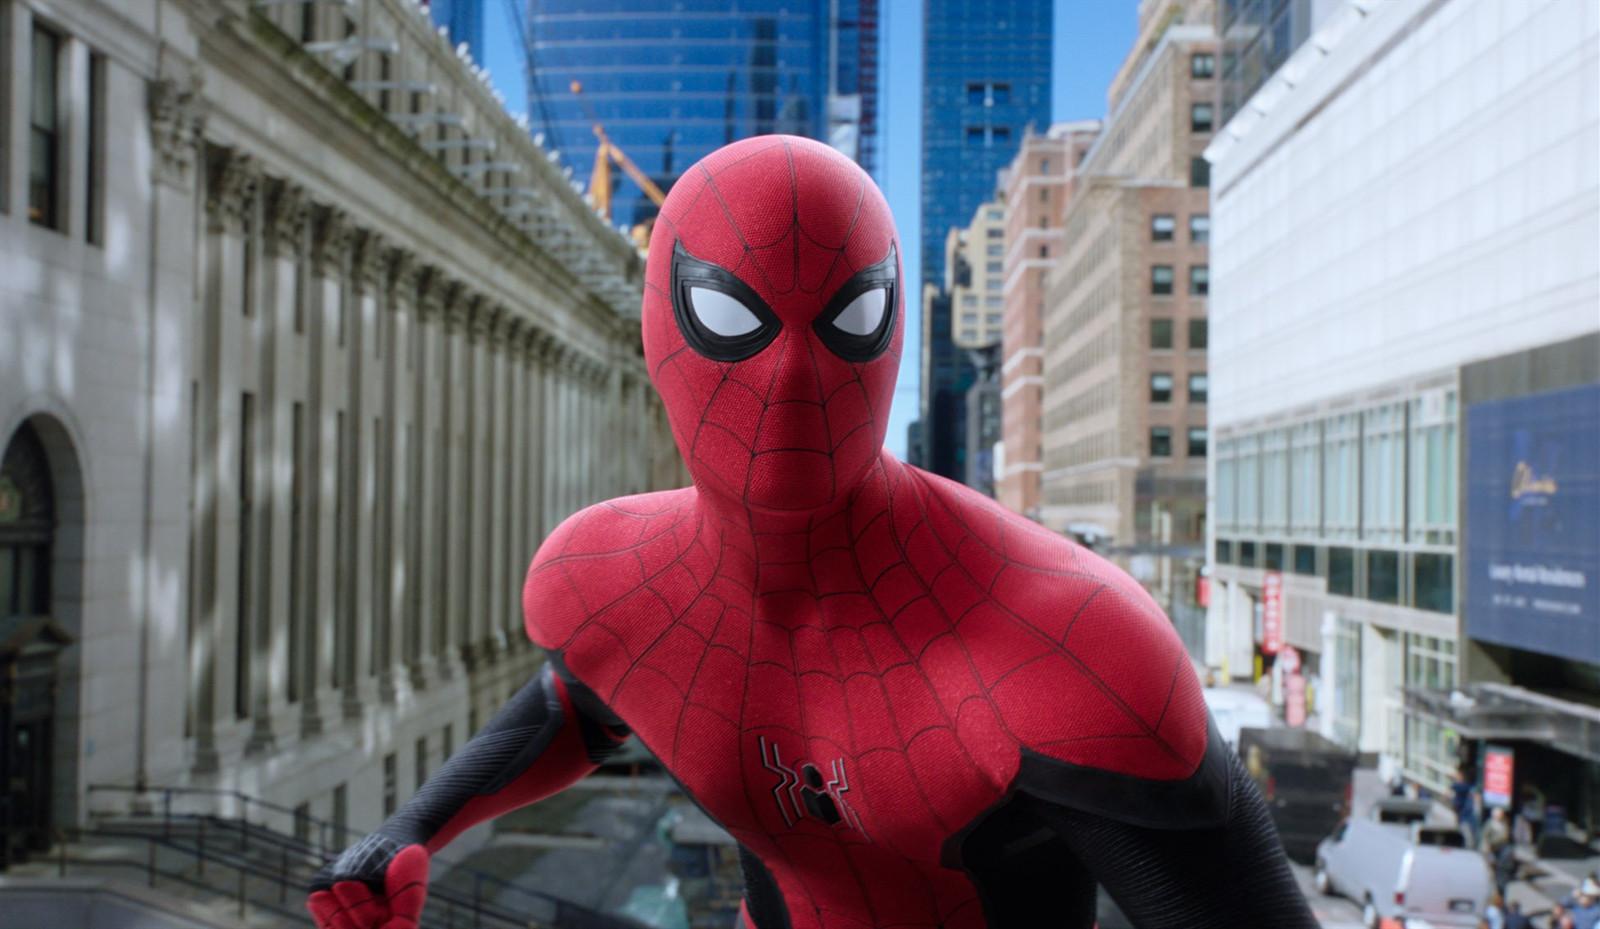 新蜘蛛侠3什么时候上映(揭晓新蜘蛛侠3故事背景和上映时间)